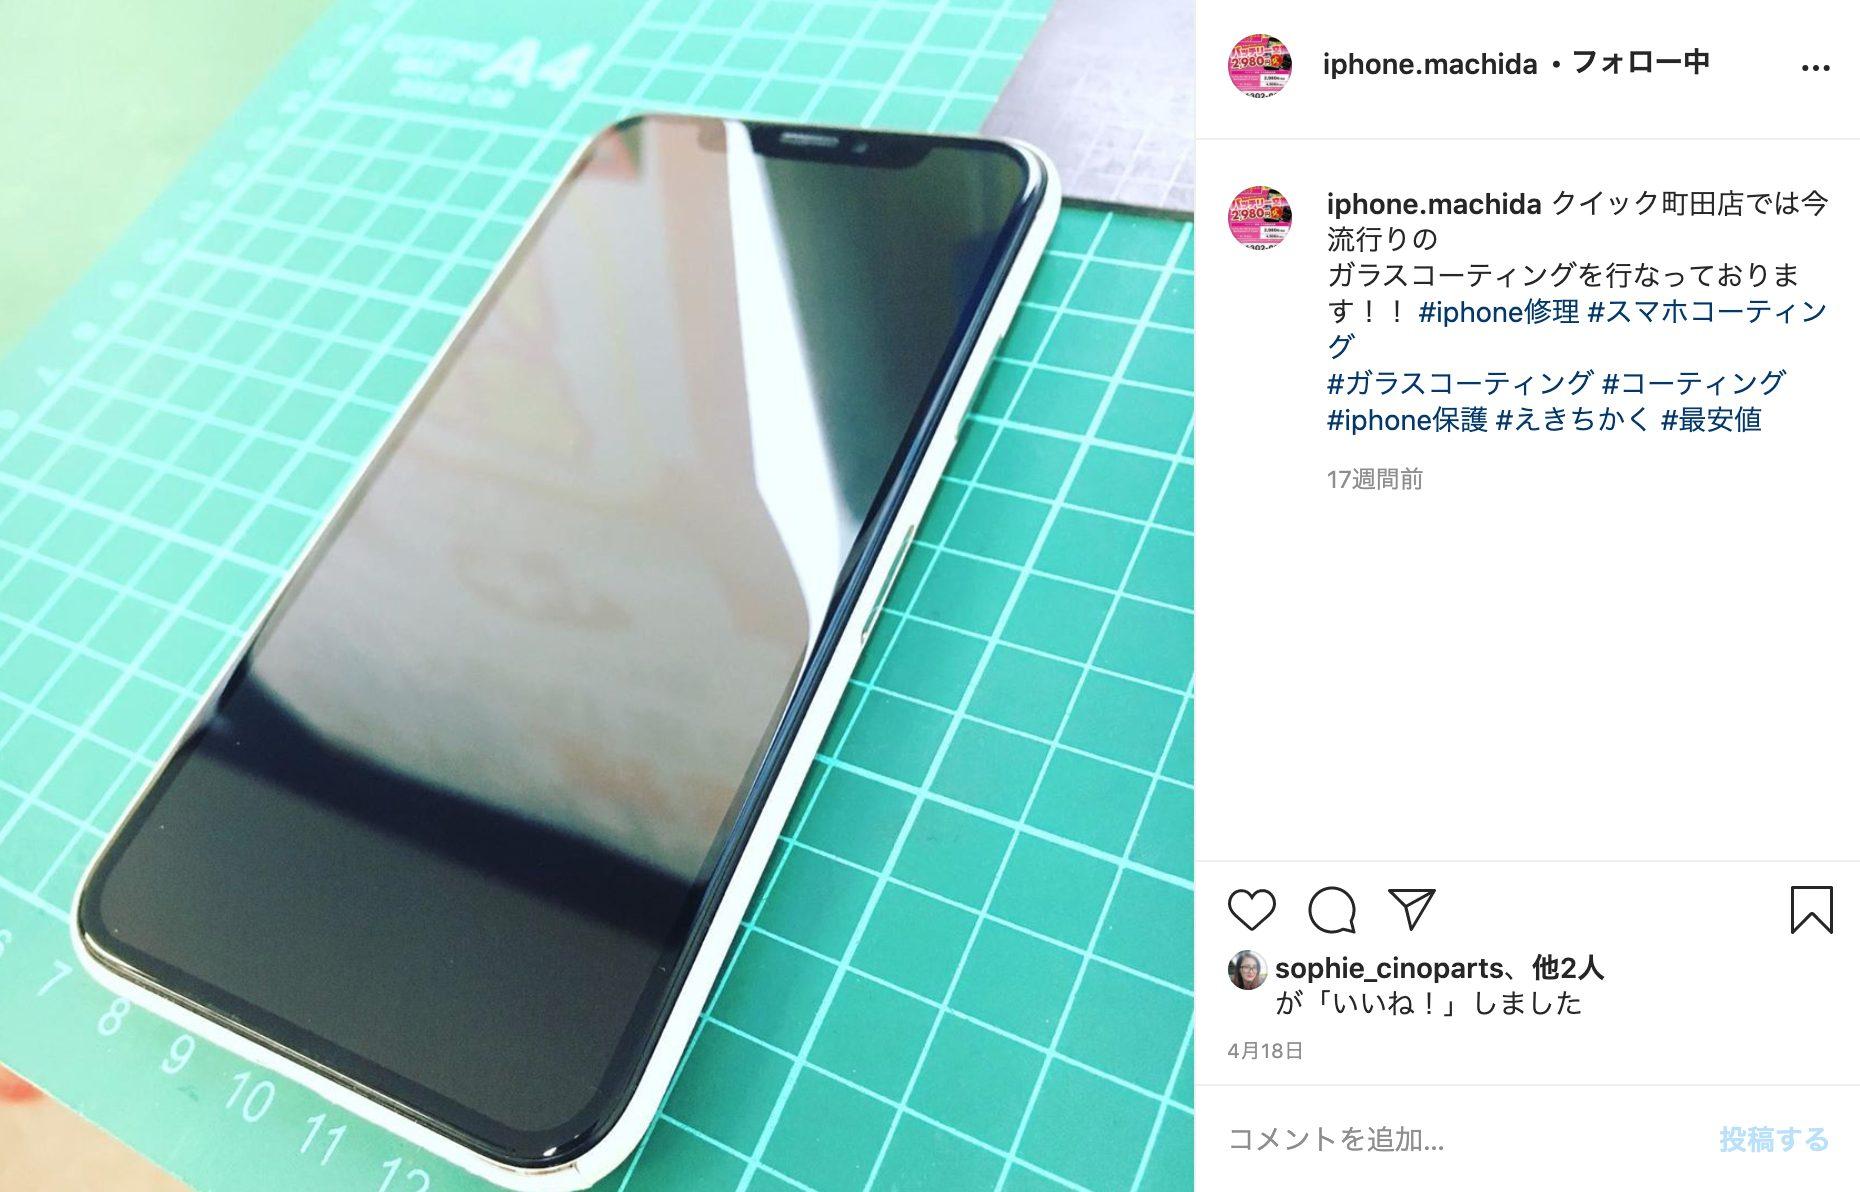 https://www.instagram.com/iphone.machida/